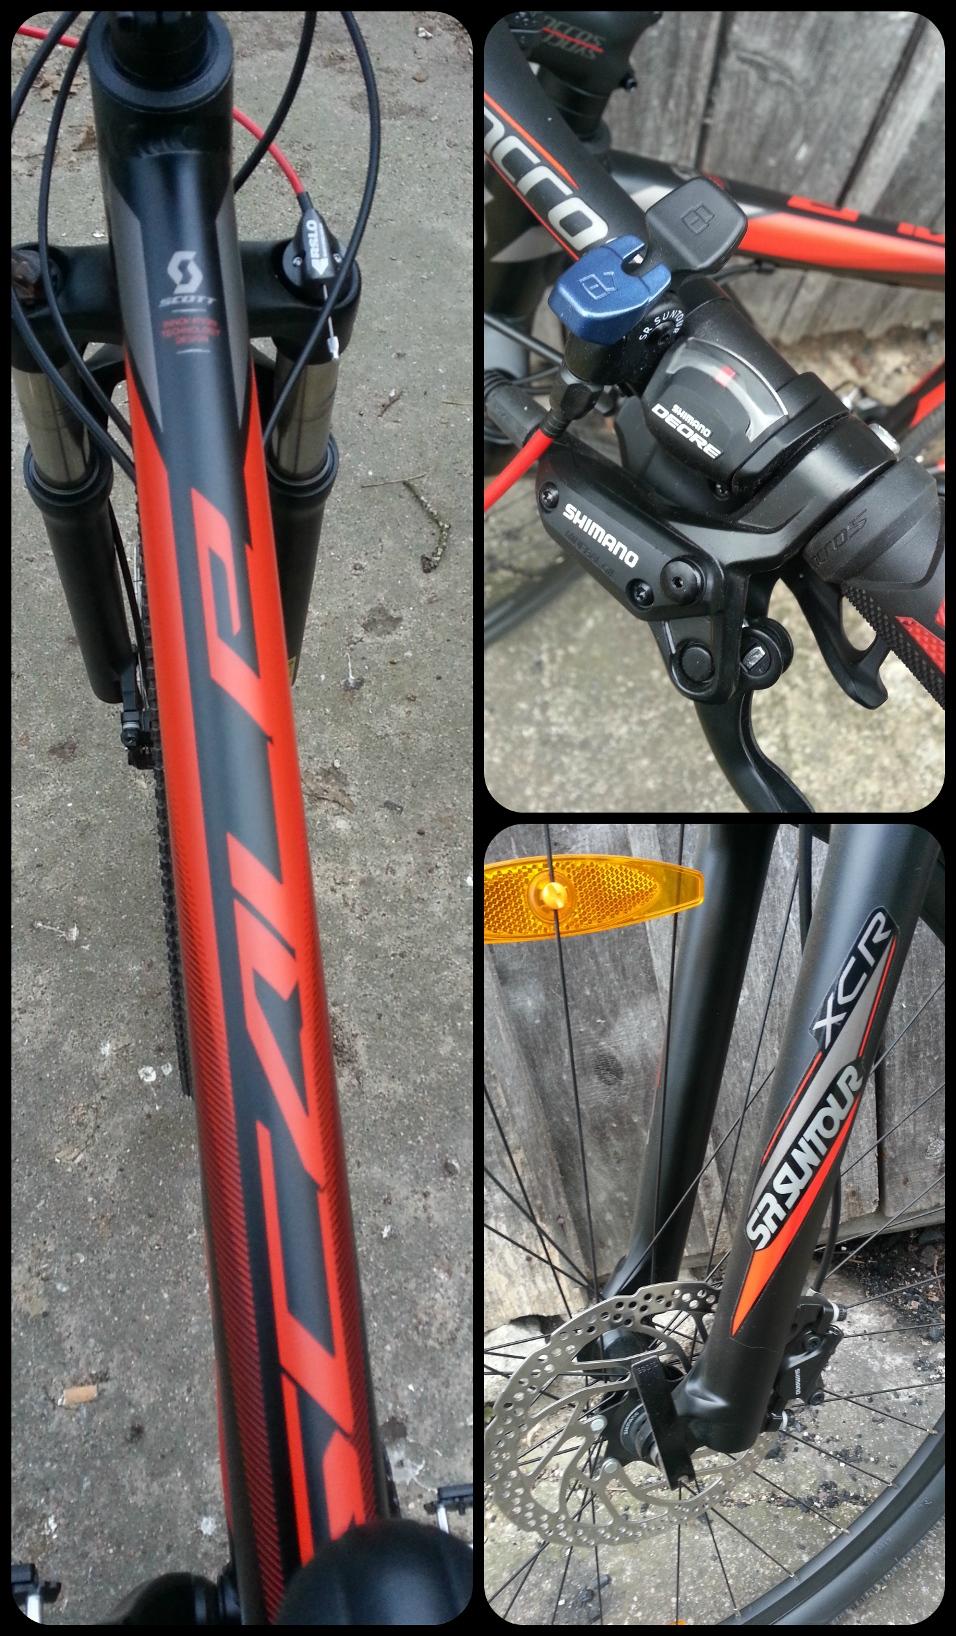 Scott rower kupno 4